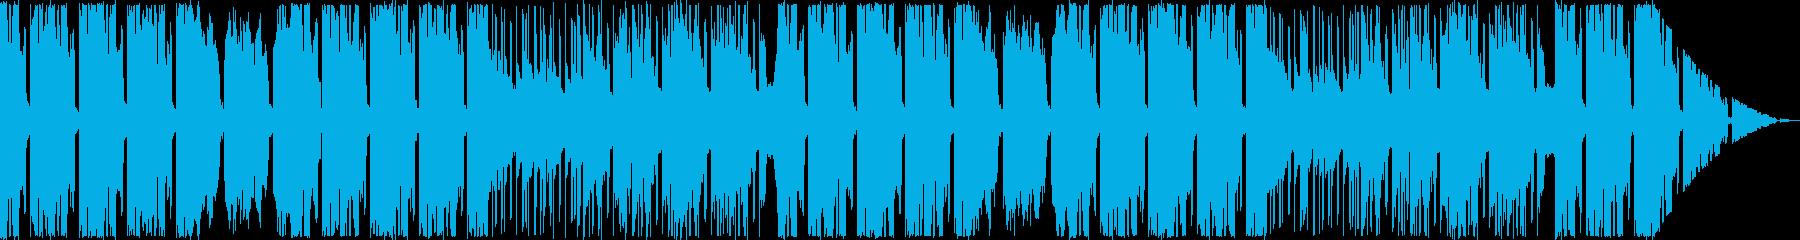 オシャレなFuture Bassの再生済みの波形